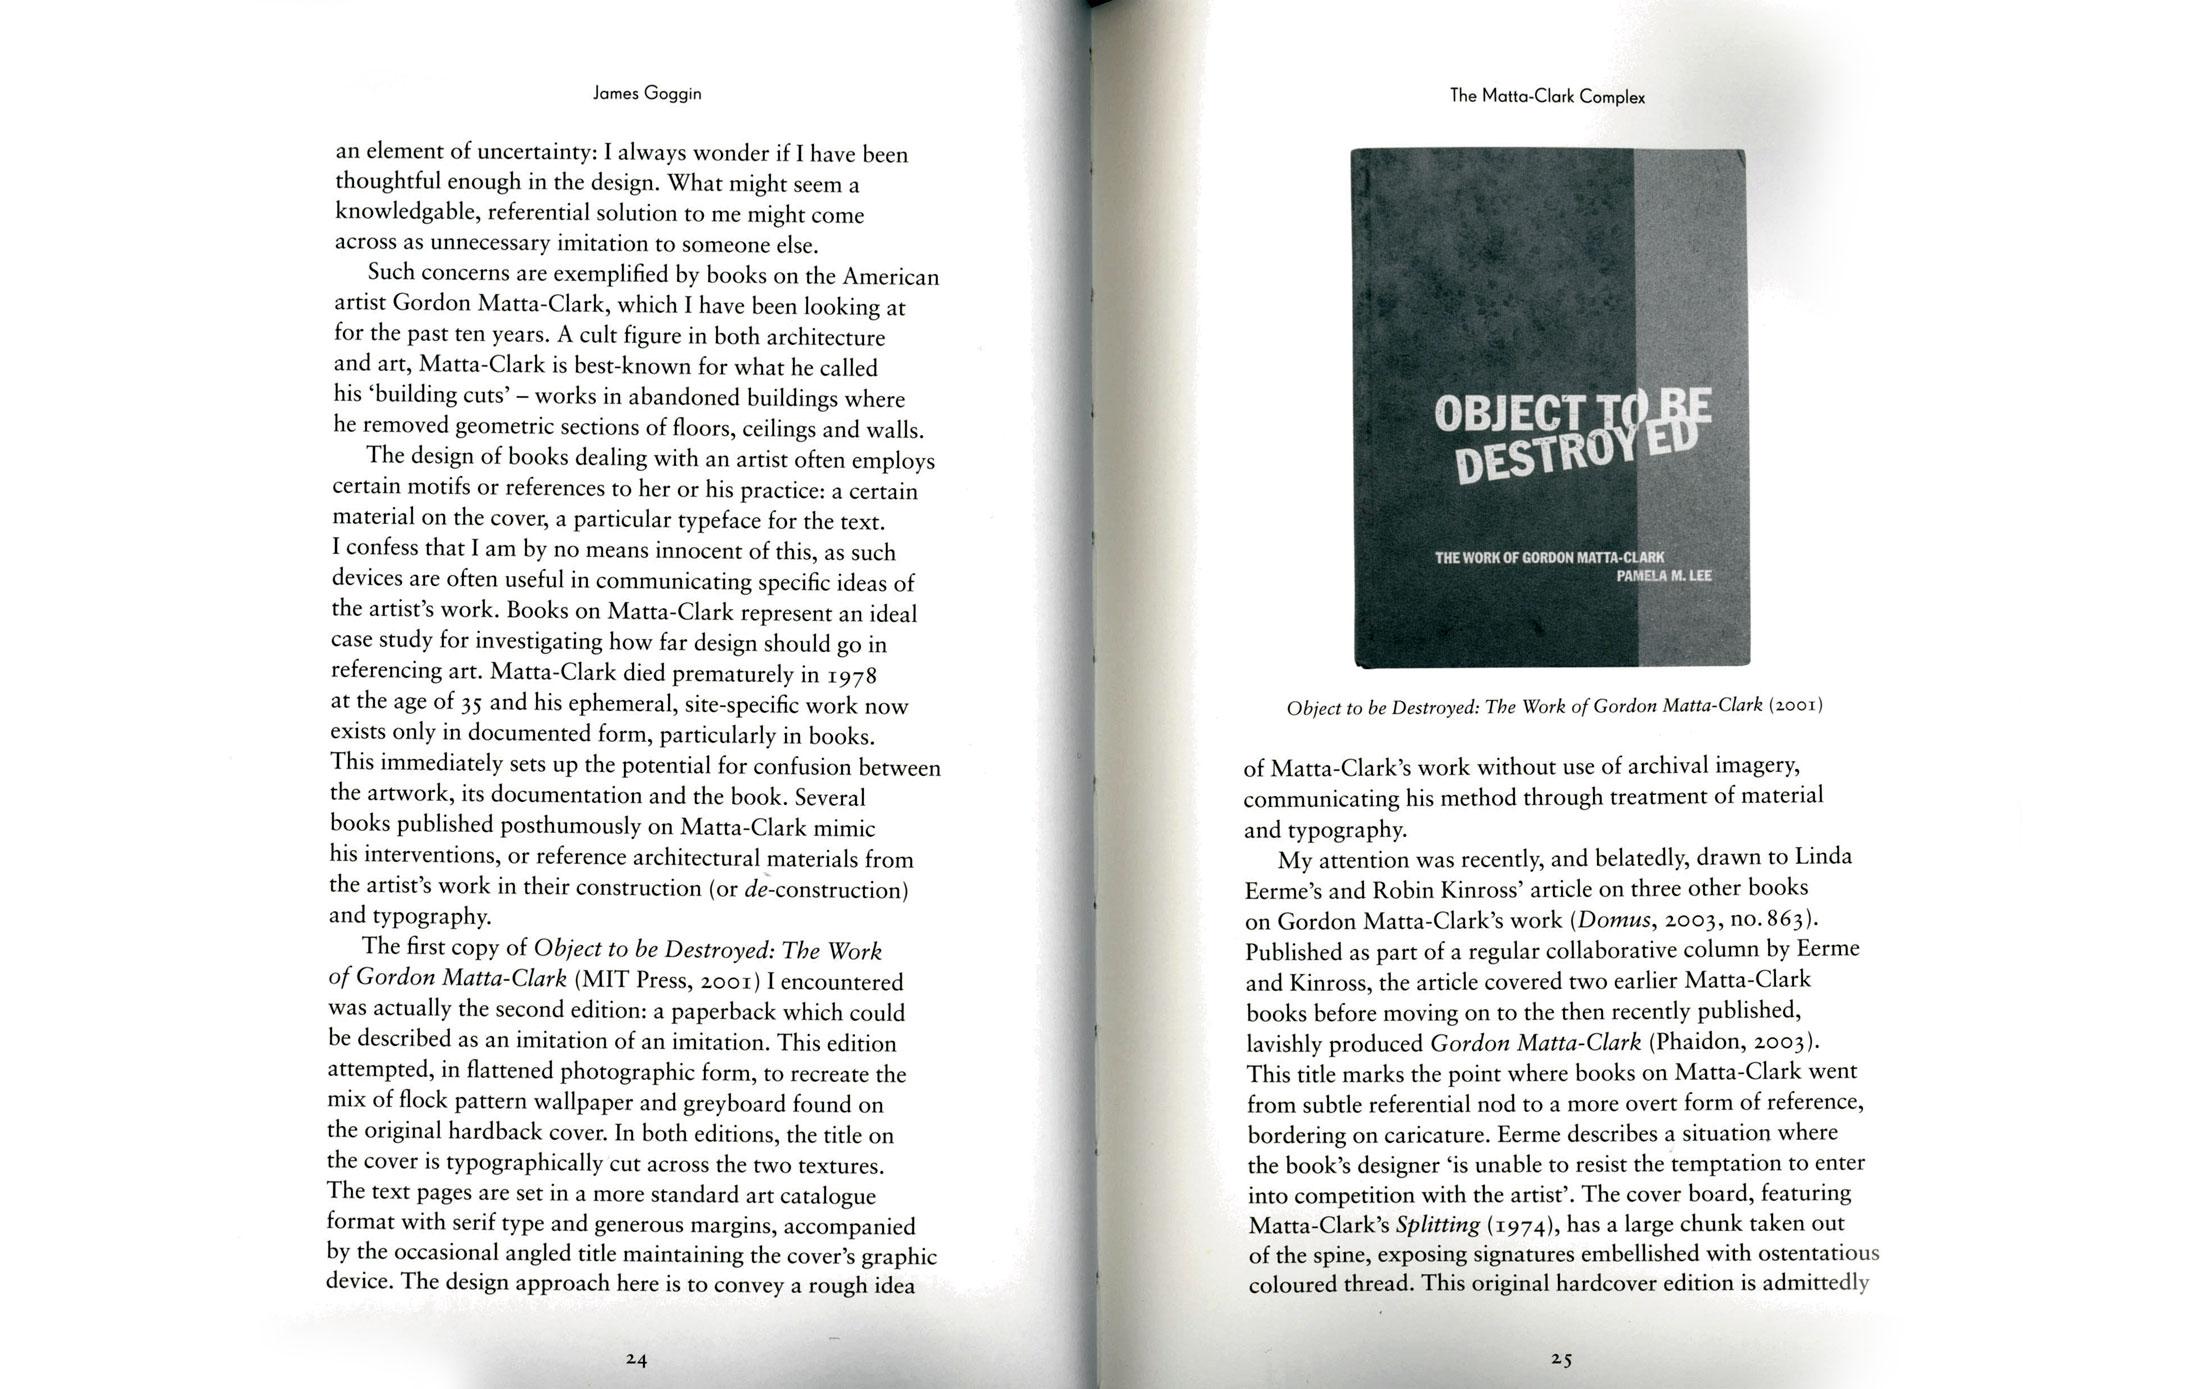 The-Matta-Clark-Complex-Materials-Interpretation-and-the-Designer-essai-James-Goggin-The-Form-of-the-Book-Book-2